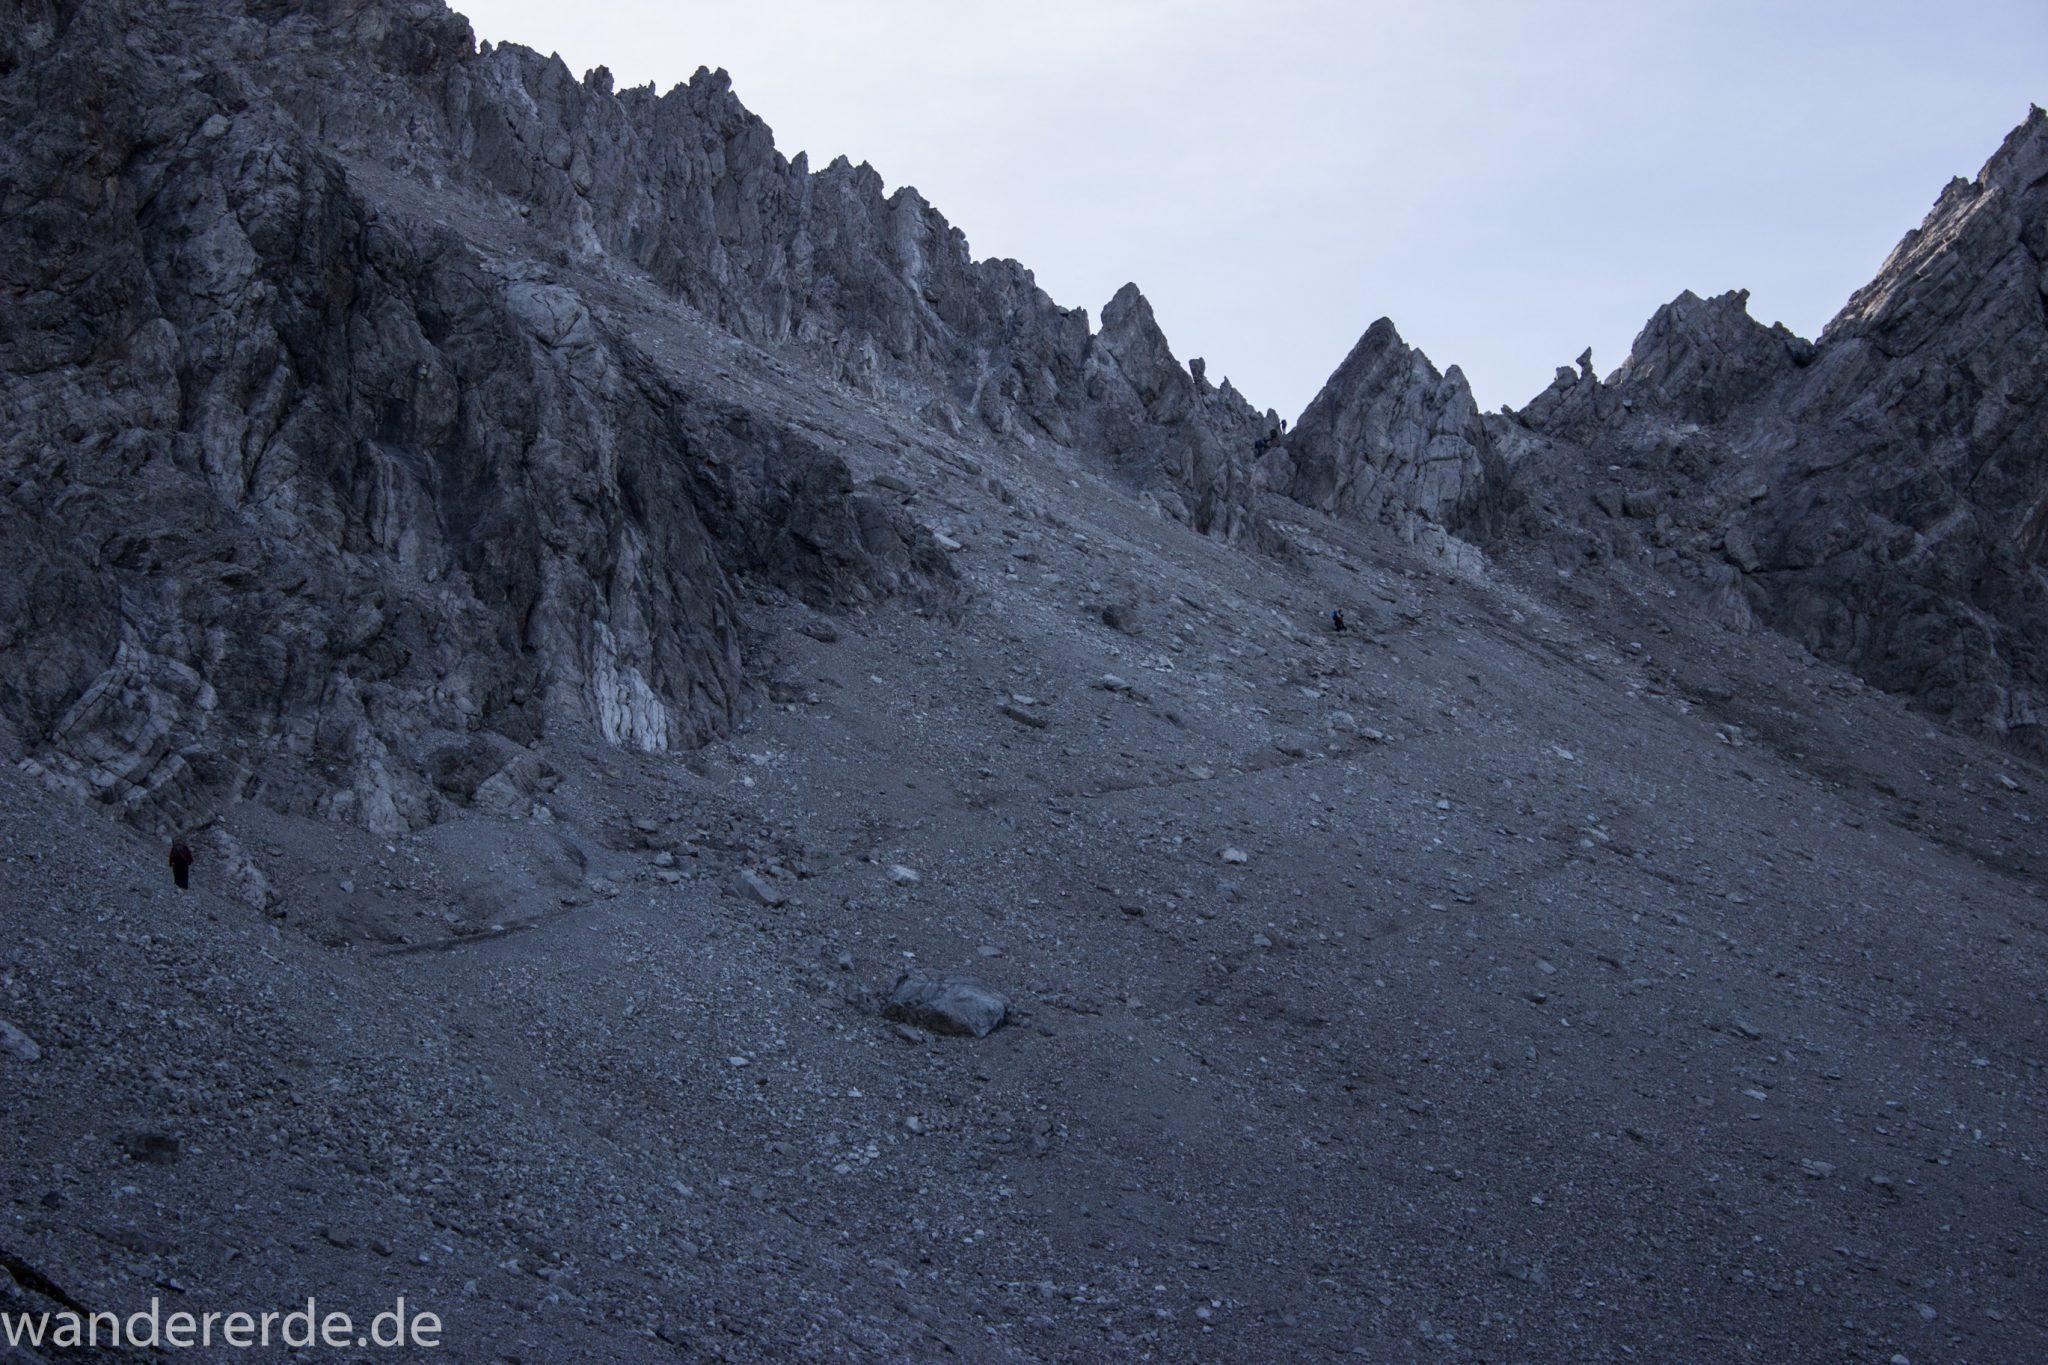 Alpenüberquerung Fernwanderweg E5 Oberstdorf Meran, 3. Etappe von Memminger Hütte zur Skihütte Zams, E5 Wanderweg führt zu Beginn der dritten Etappe ab der Memminger Hütte über steilen und ausgesetzten Wanderweg über die Seescharte, Blick auf Wanderer während Aufstieg zur Seescharte auf sehr schmalem Wanderweg über viel Geröll, steile Berghänge und Gipfel der Alpen